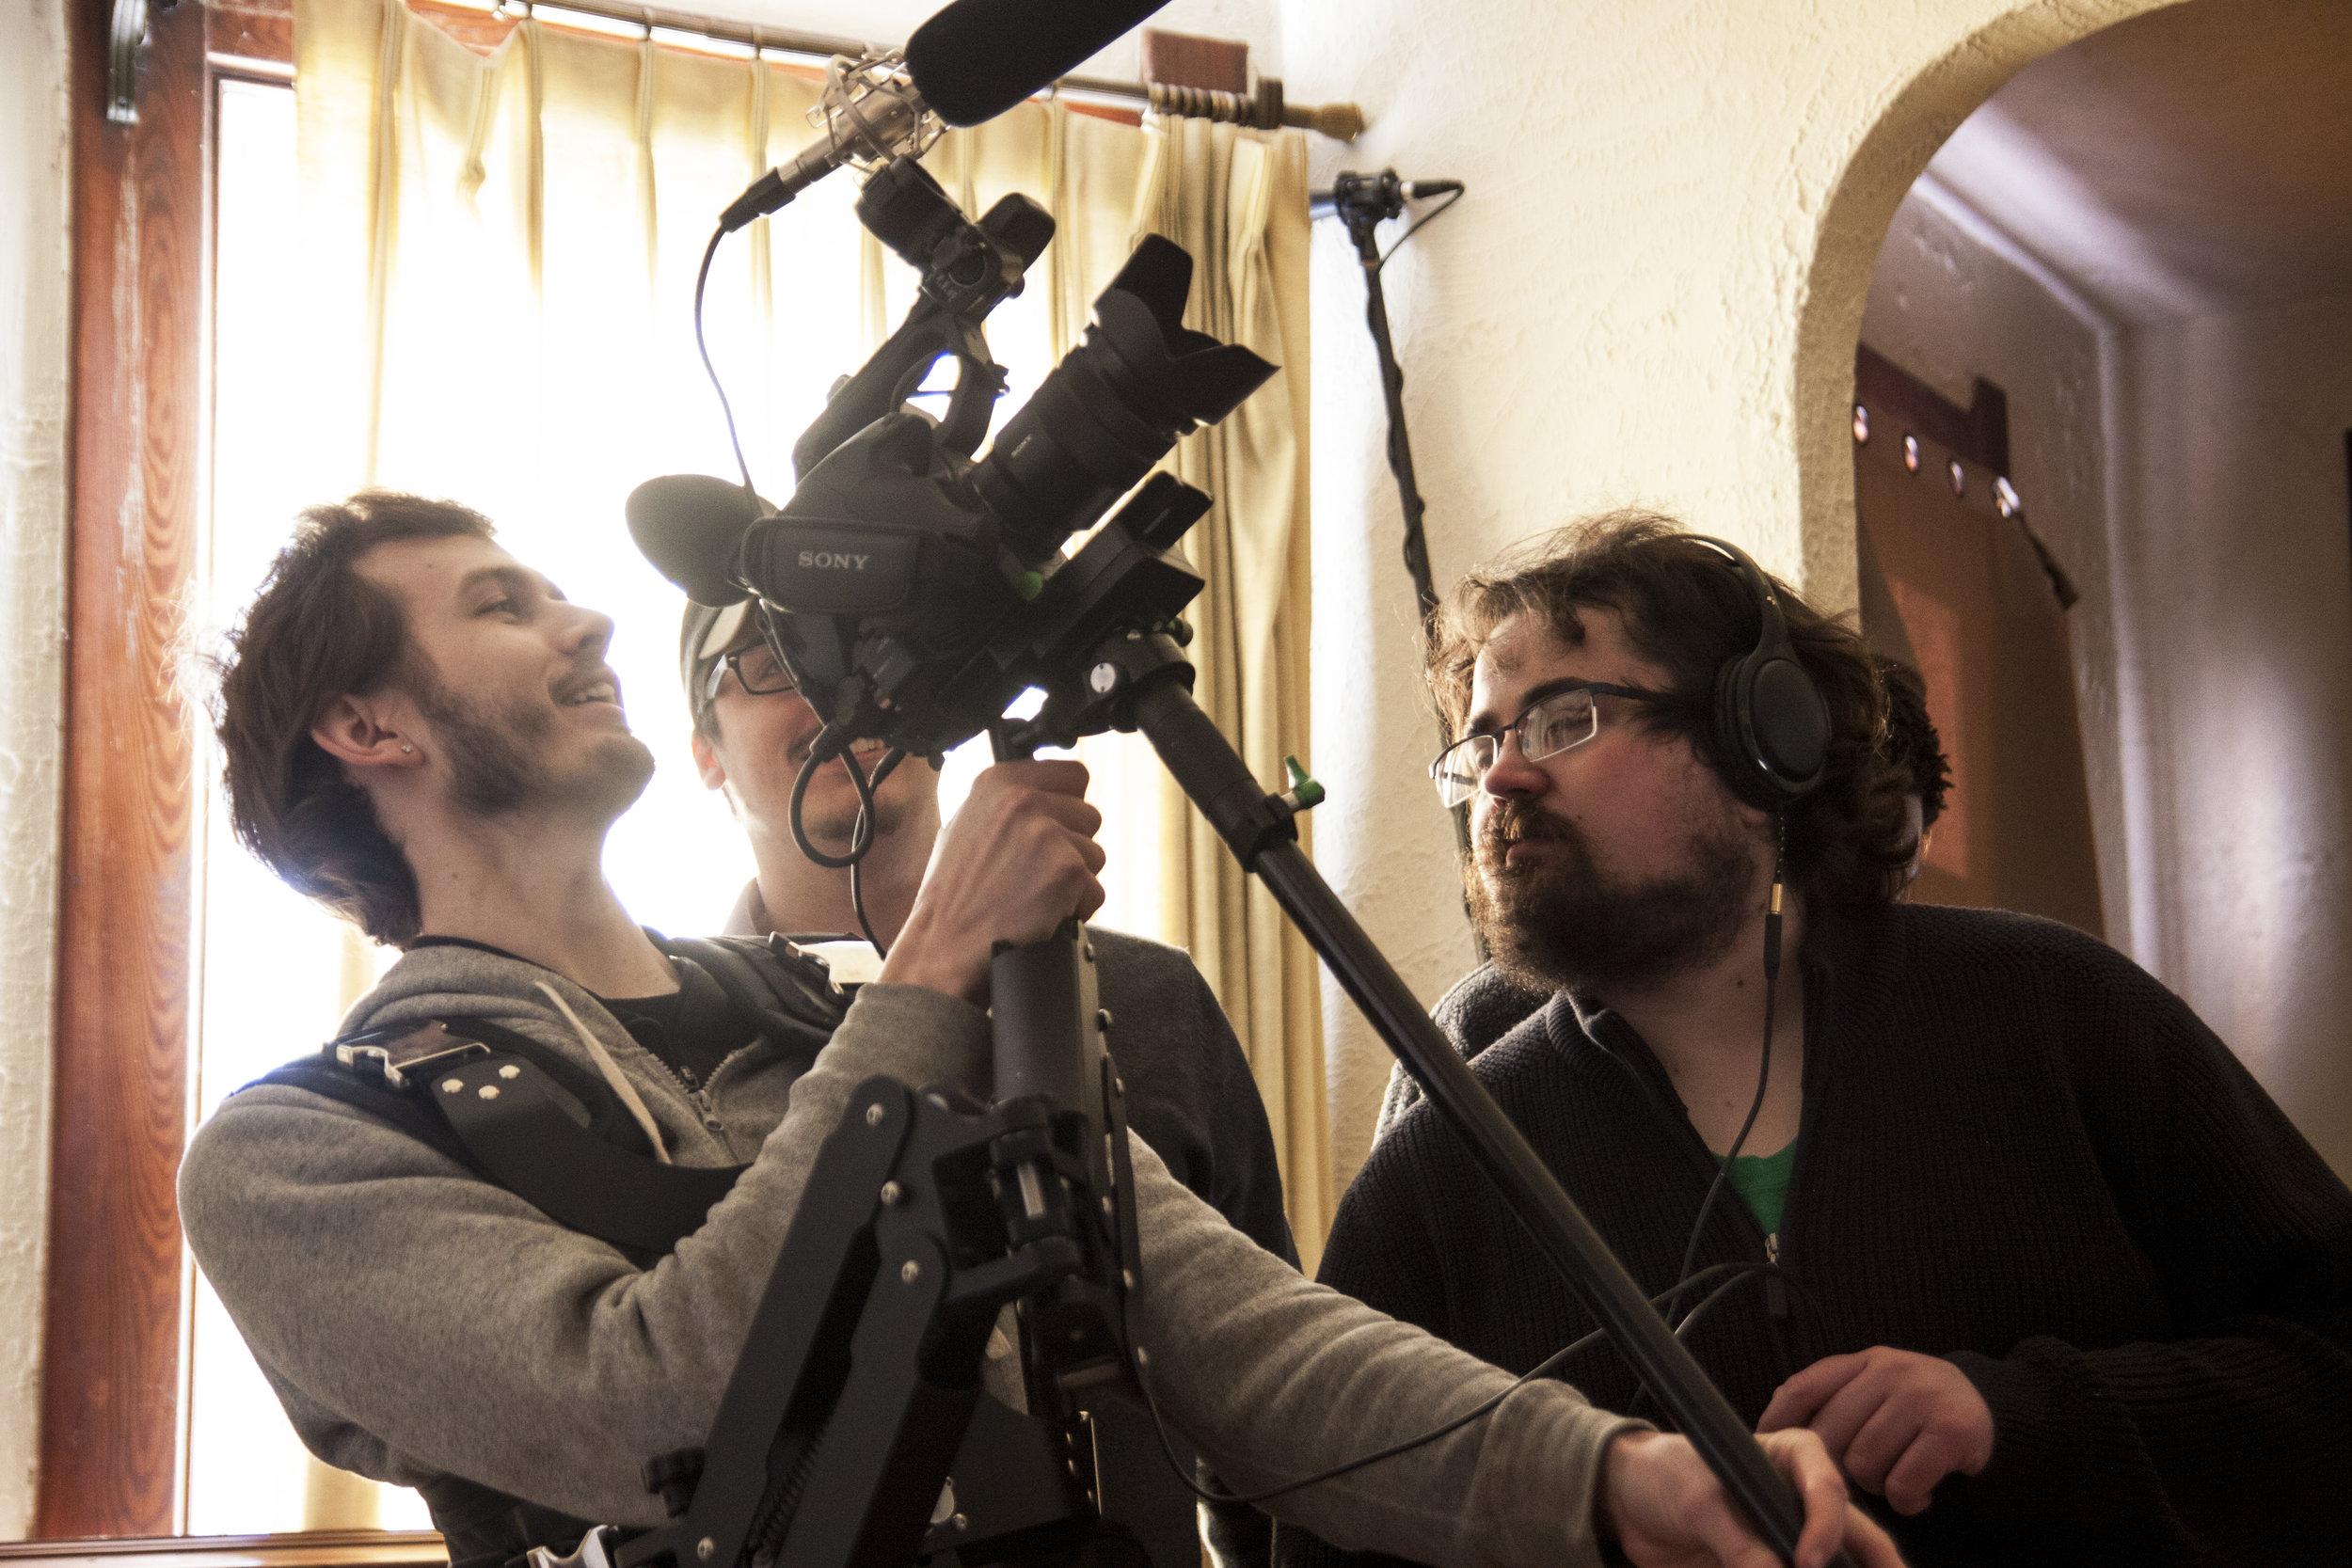 (Left to right) Ty Higgs, R.J. Maurer, Radomir Jordanovich prepping for a scene.